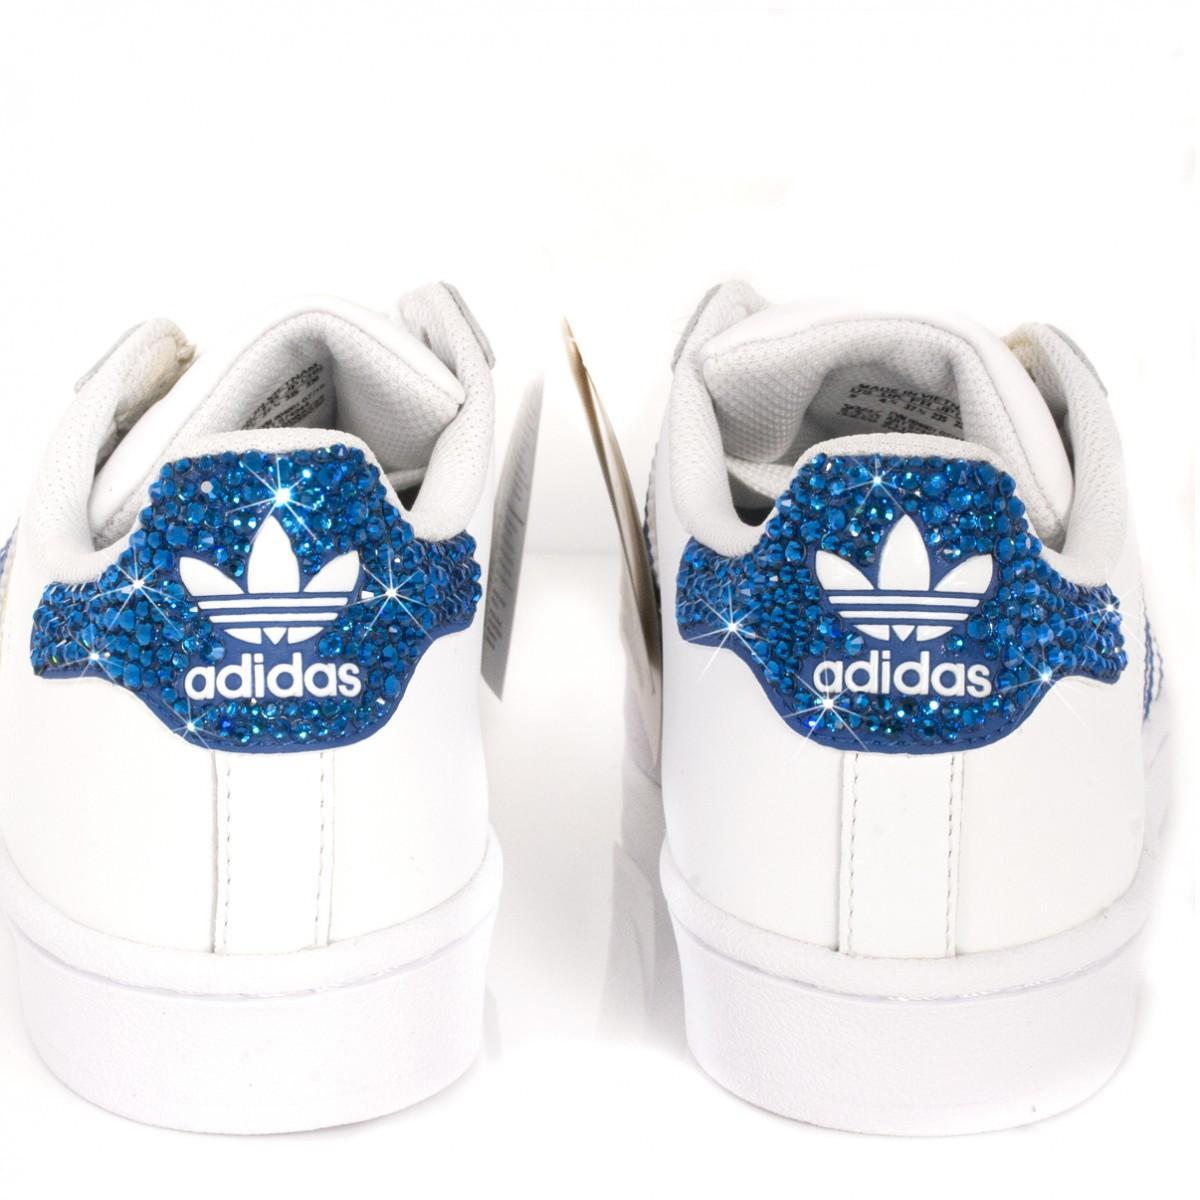 adidas bianche e blu superstar